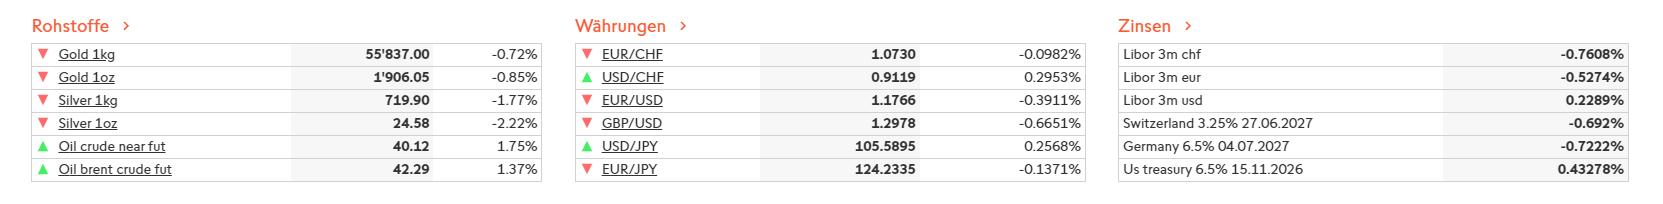 Assets bei Swissquote